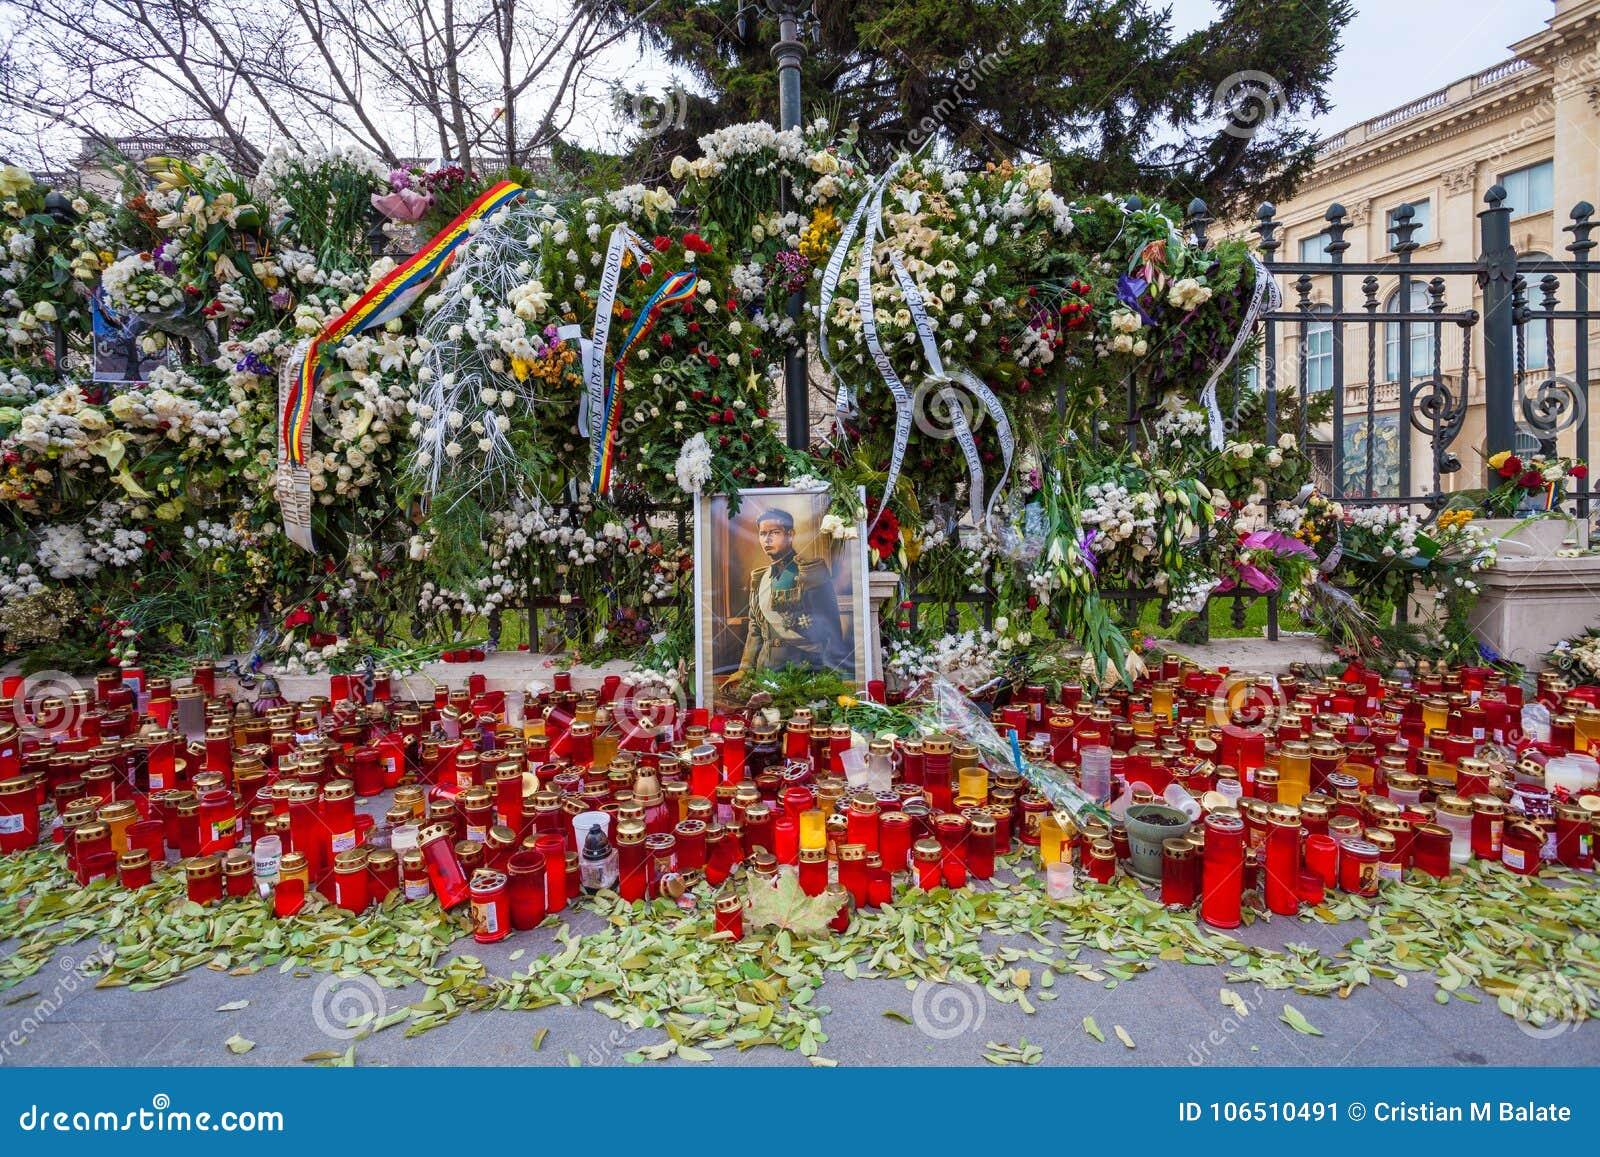 Αναμνηστικά κεριά μπροστά από το παλάτι Mihai, βασιλιάς της Ρουμανίας